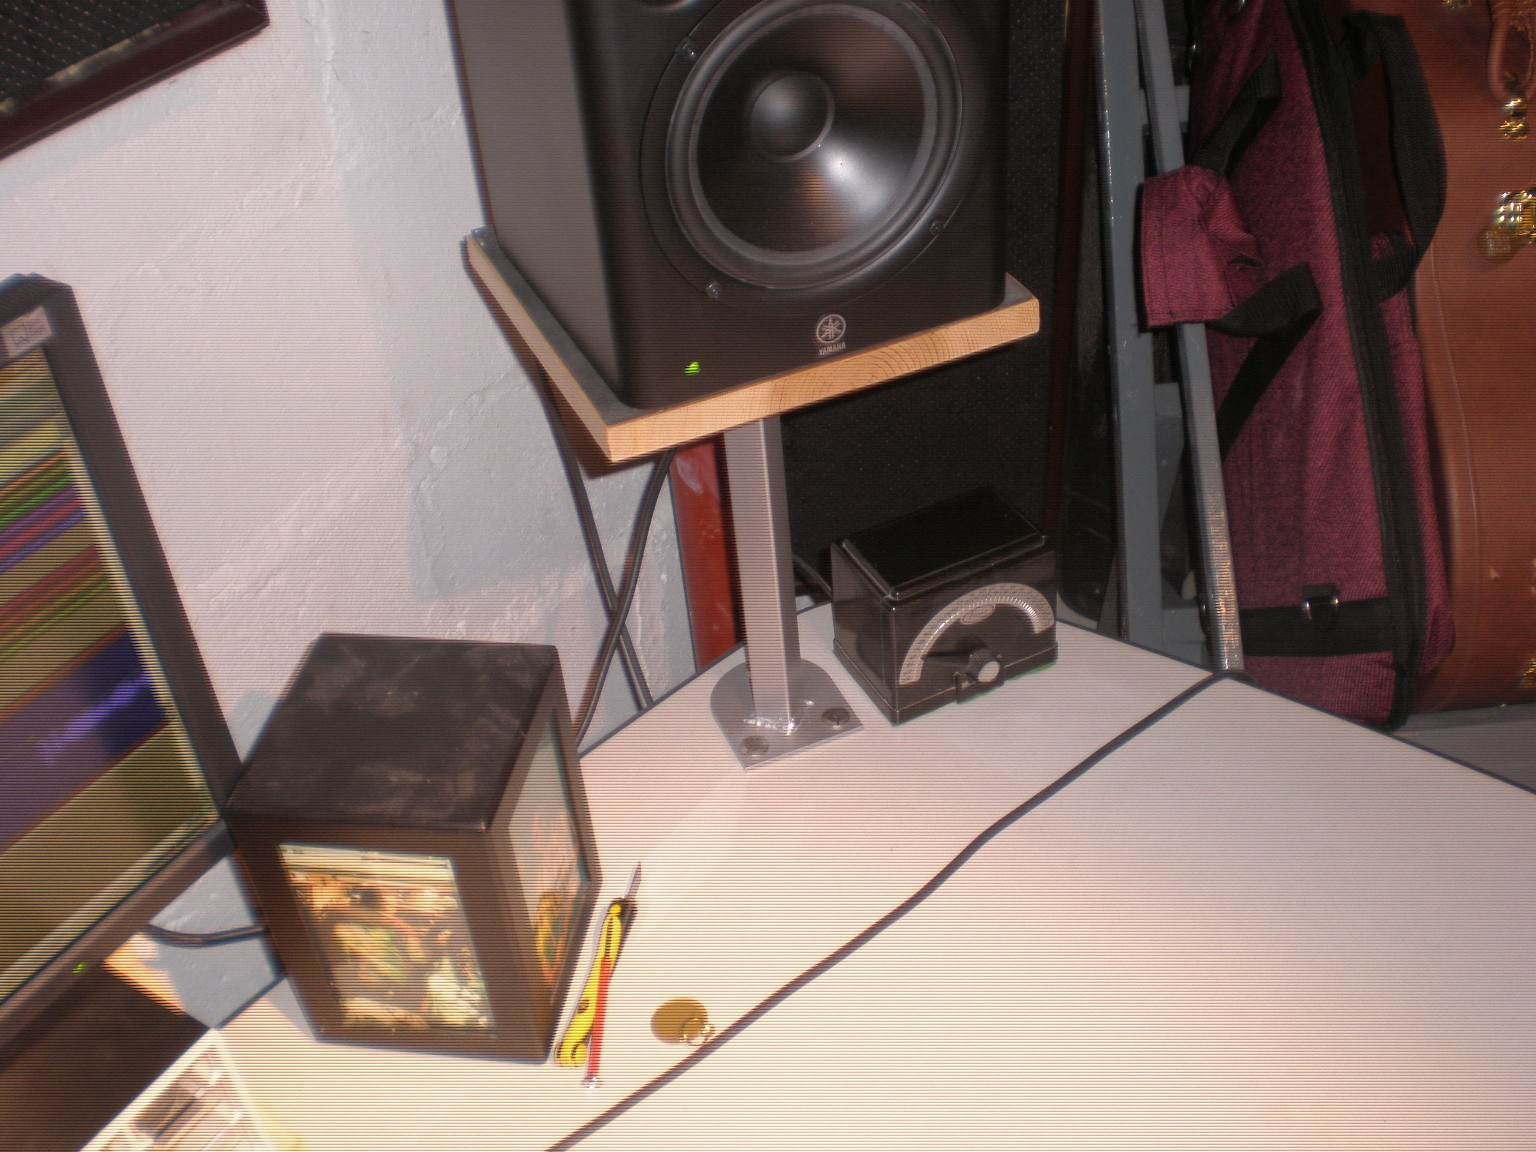 Studio monitor standdesk mount solution Gearslutz Pro Audio